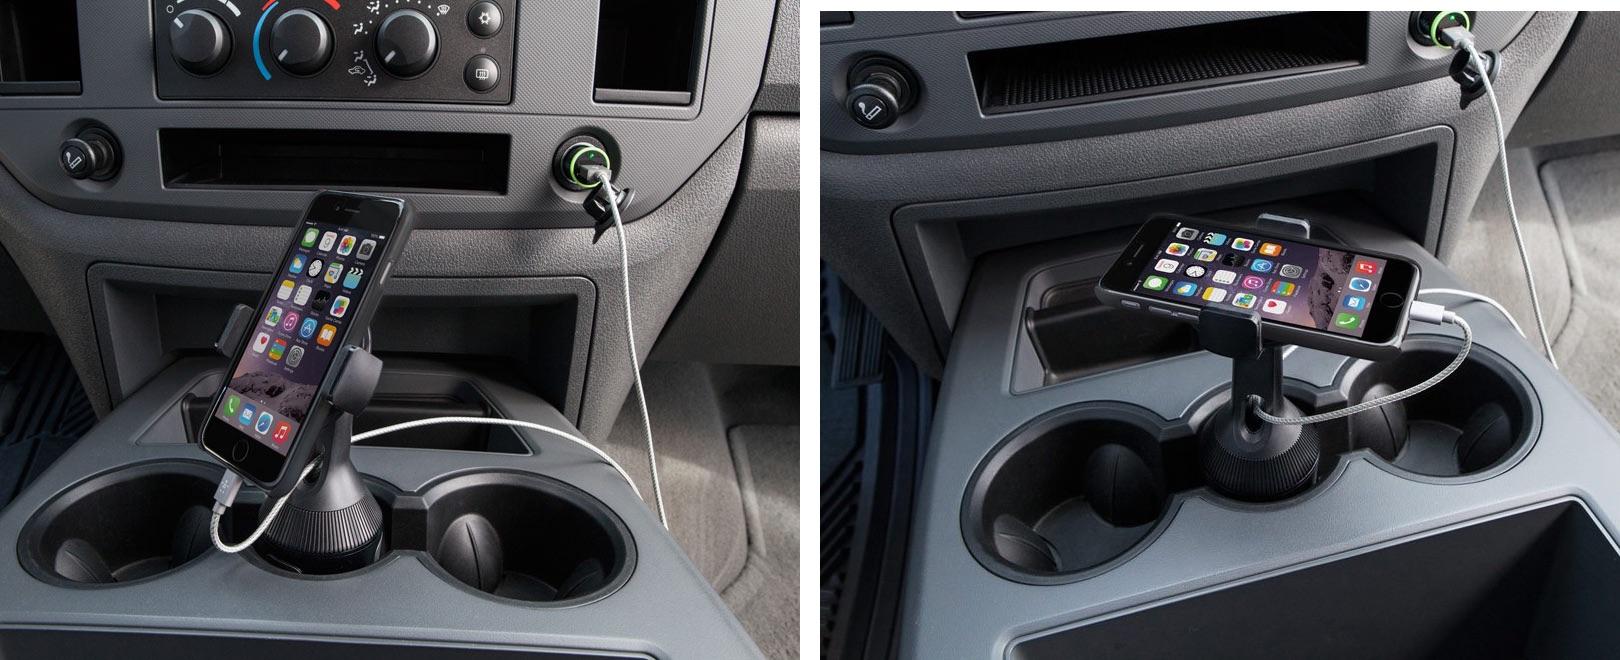 iphone voiture support u car 33. Black Bedroom Furniture Sets. Home Design Ideas